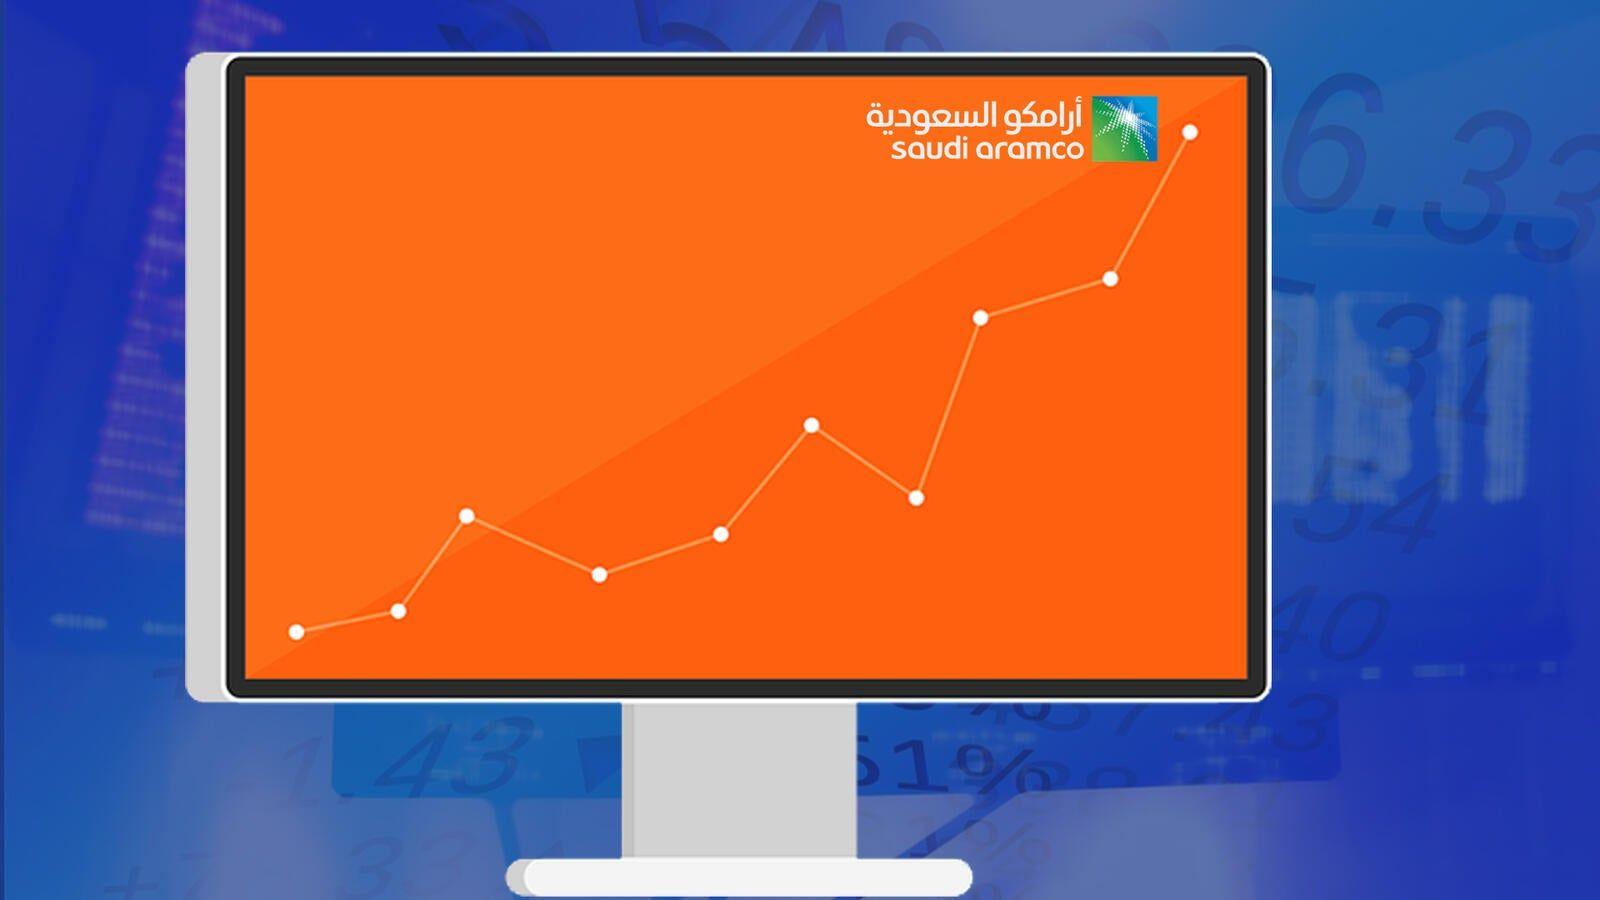 أرامكو السعودية ما بين التطور والمغامرة Tablet 10 Things Electronic Products